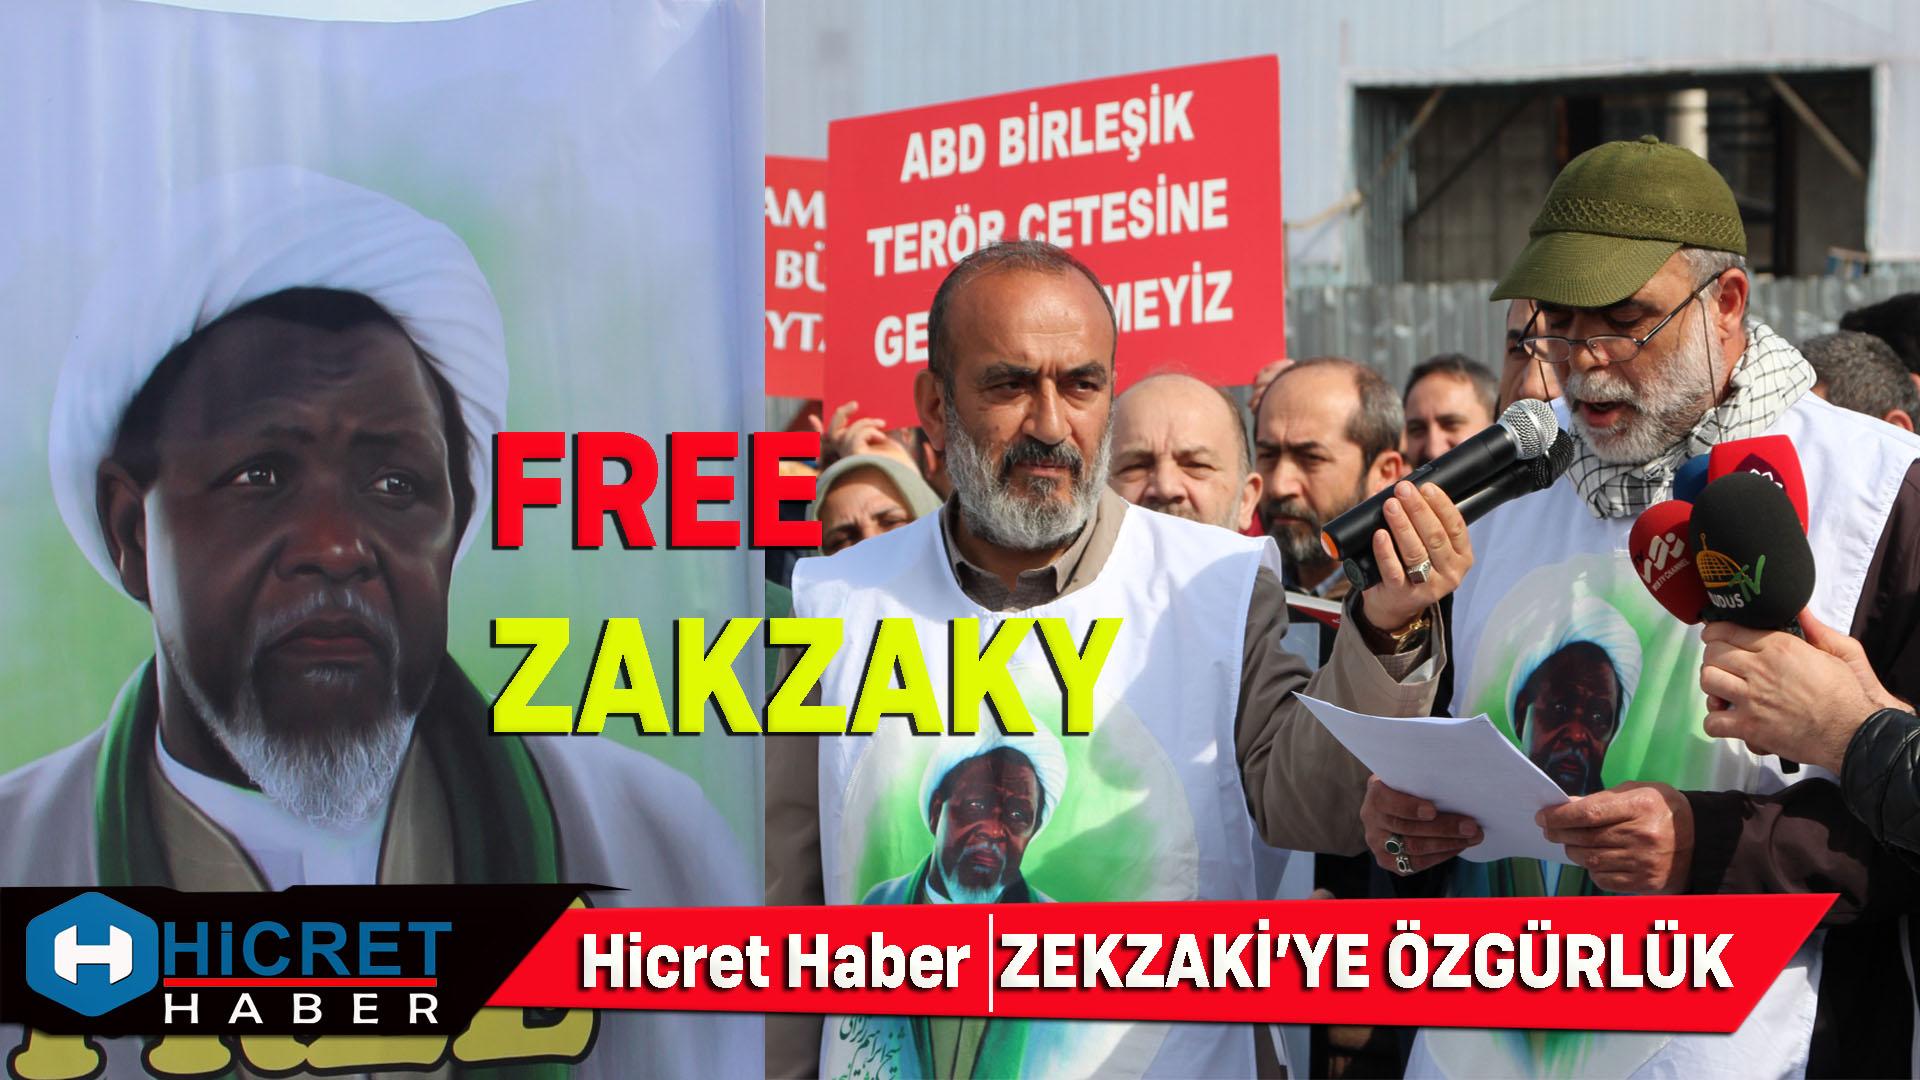 Şeyh Zekzaky'e Özgürlük Abd'ye Lanet Edildi